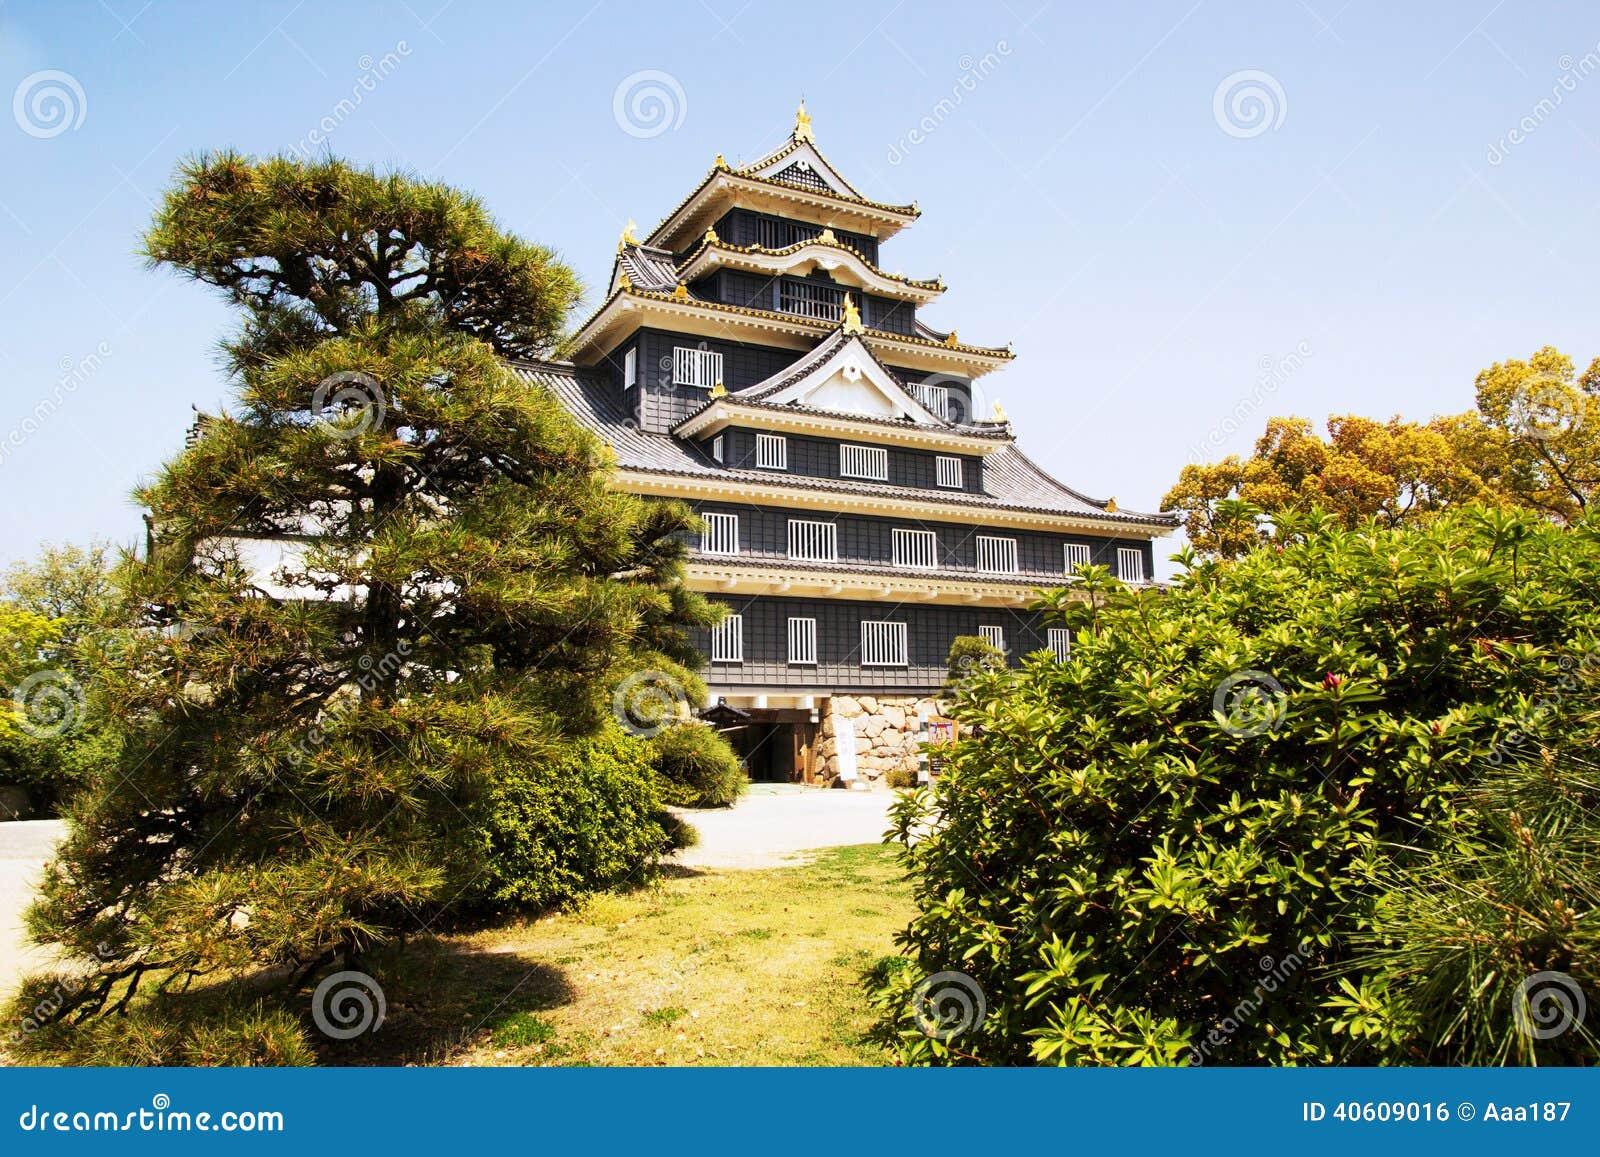 冈山城堡在日本